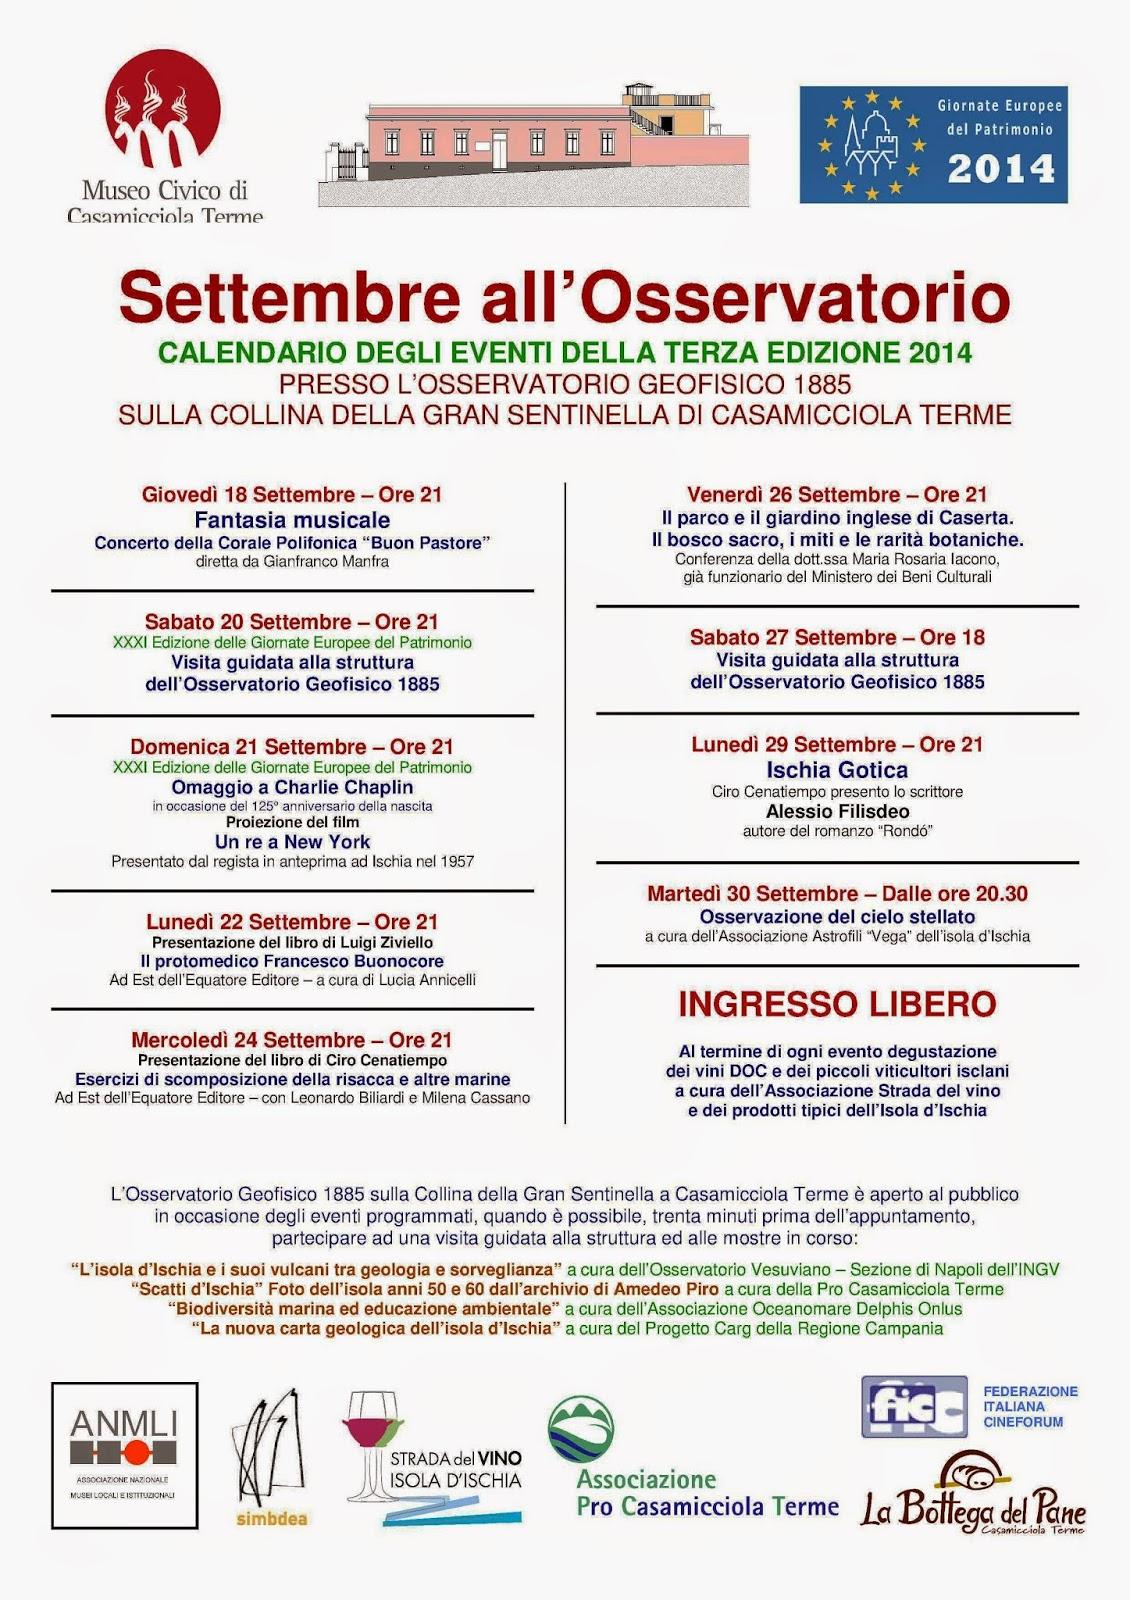 Settembre all'Osservatorio  Calendario degli eventi della terza edizione 2014